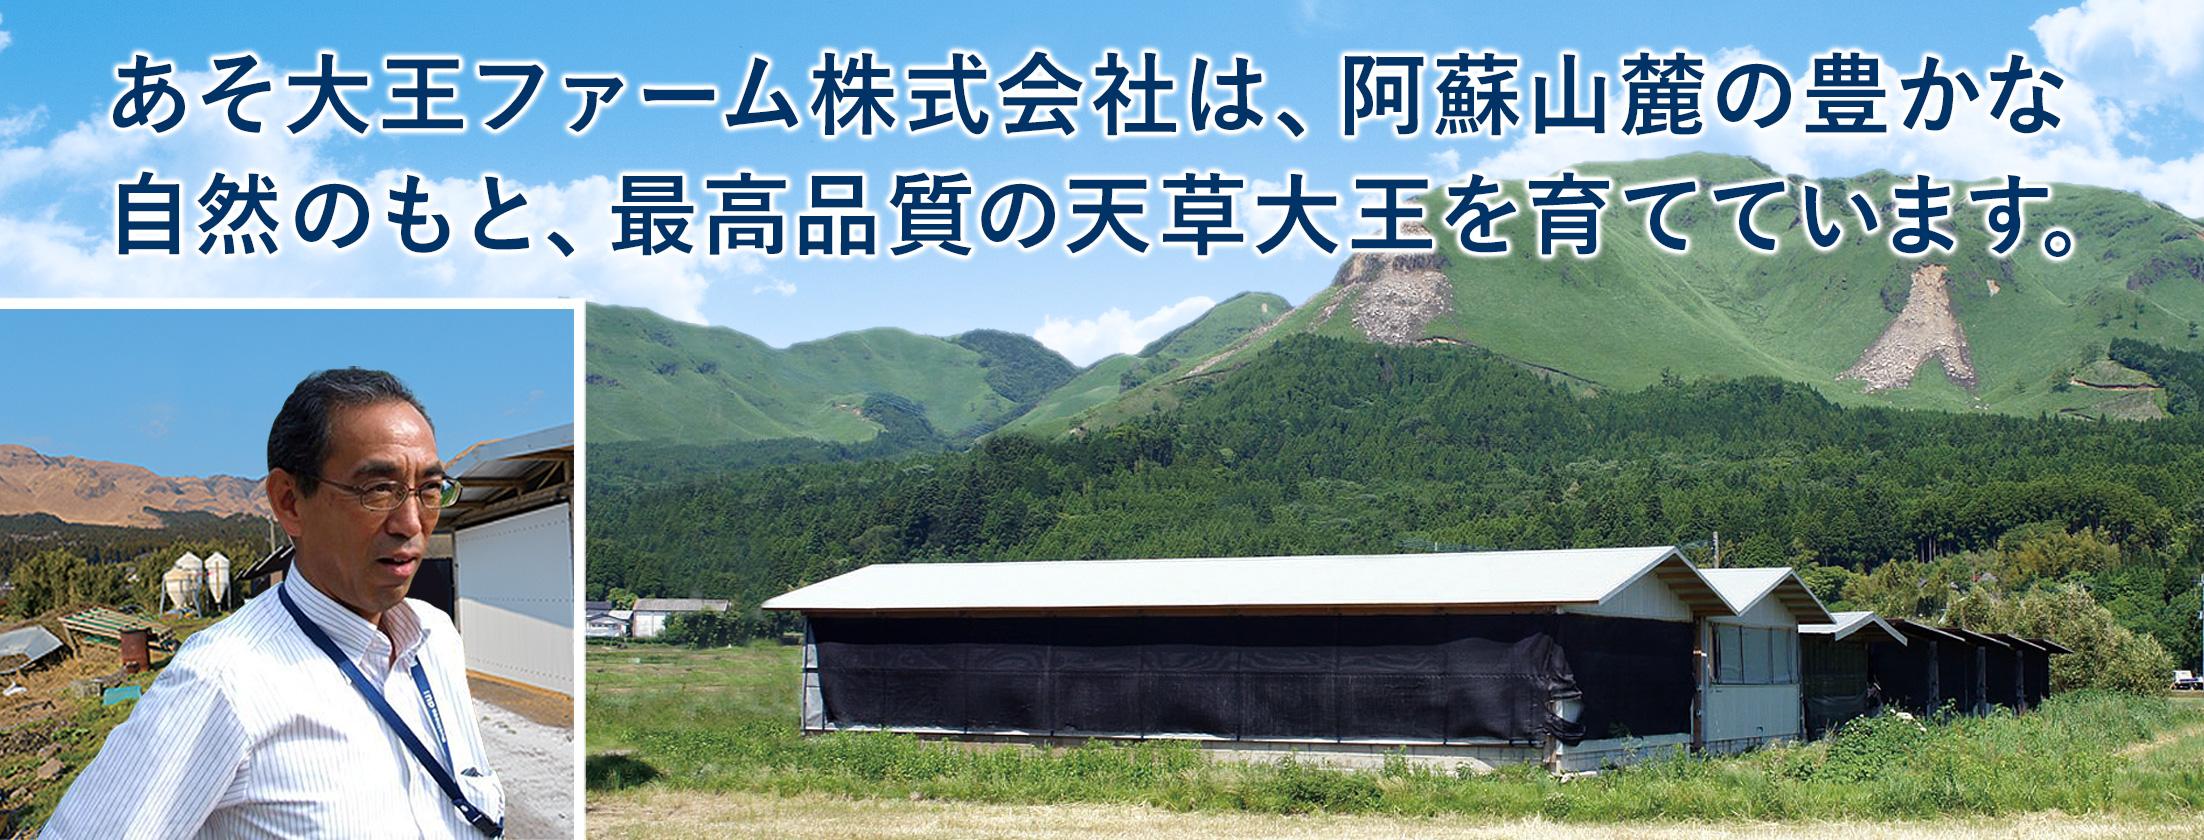 あそ大王ファーム株式会社は、阿蘇山麓の豊かな自然のもと最高品質の天草大王を育てています。